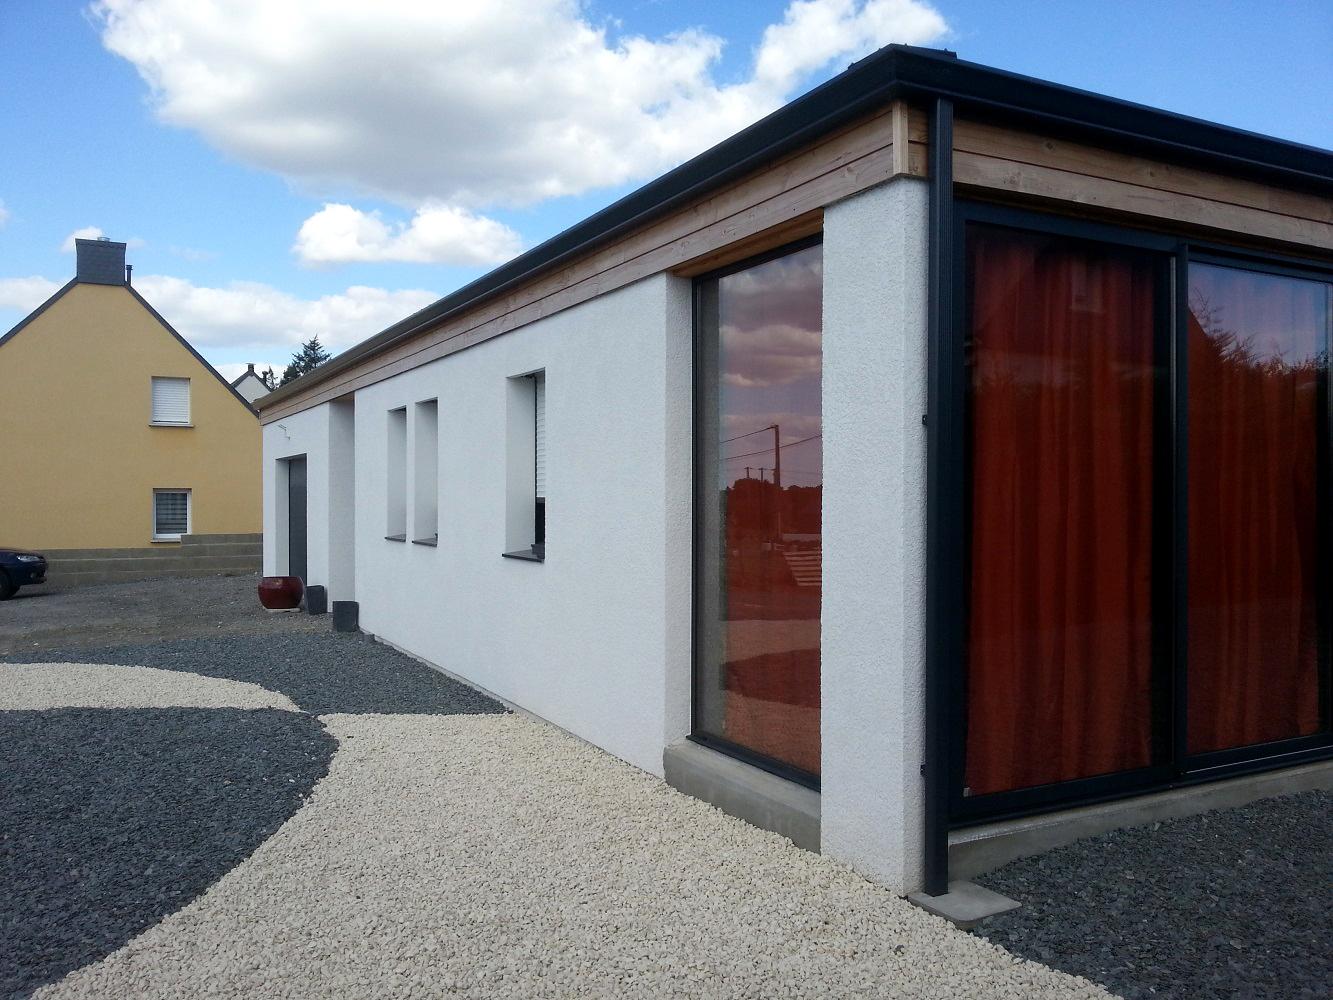 3A REDOIS-SURGET Architectes Commune de Indre